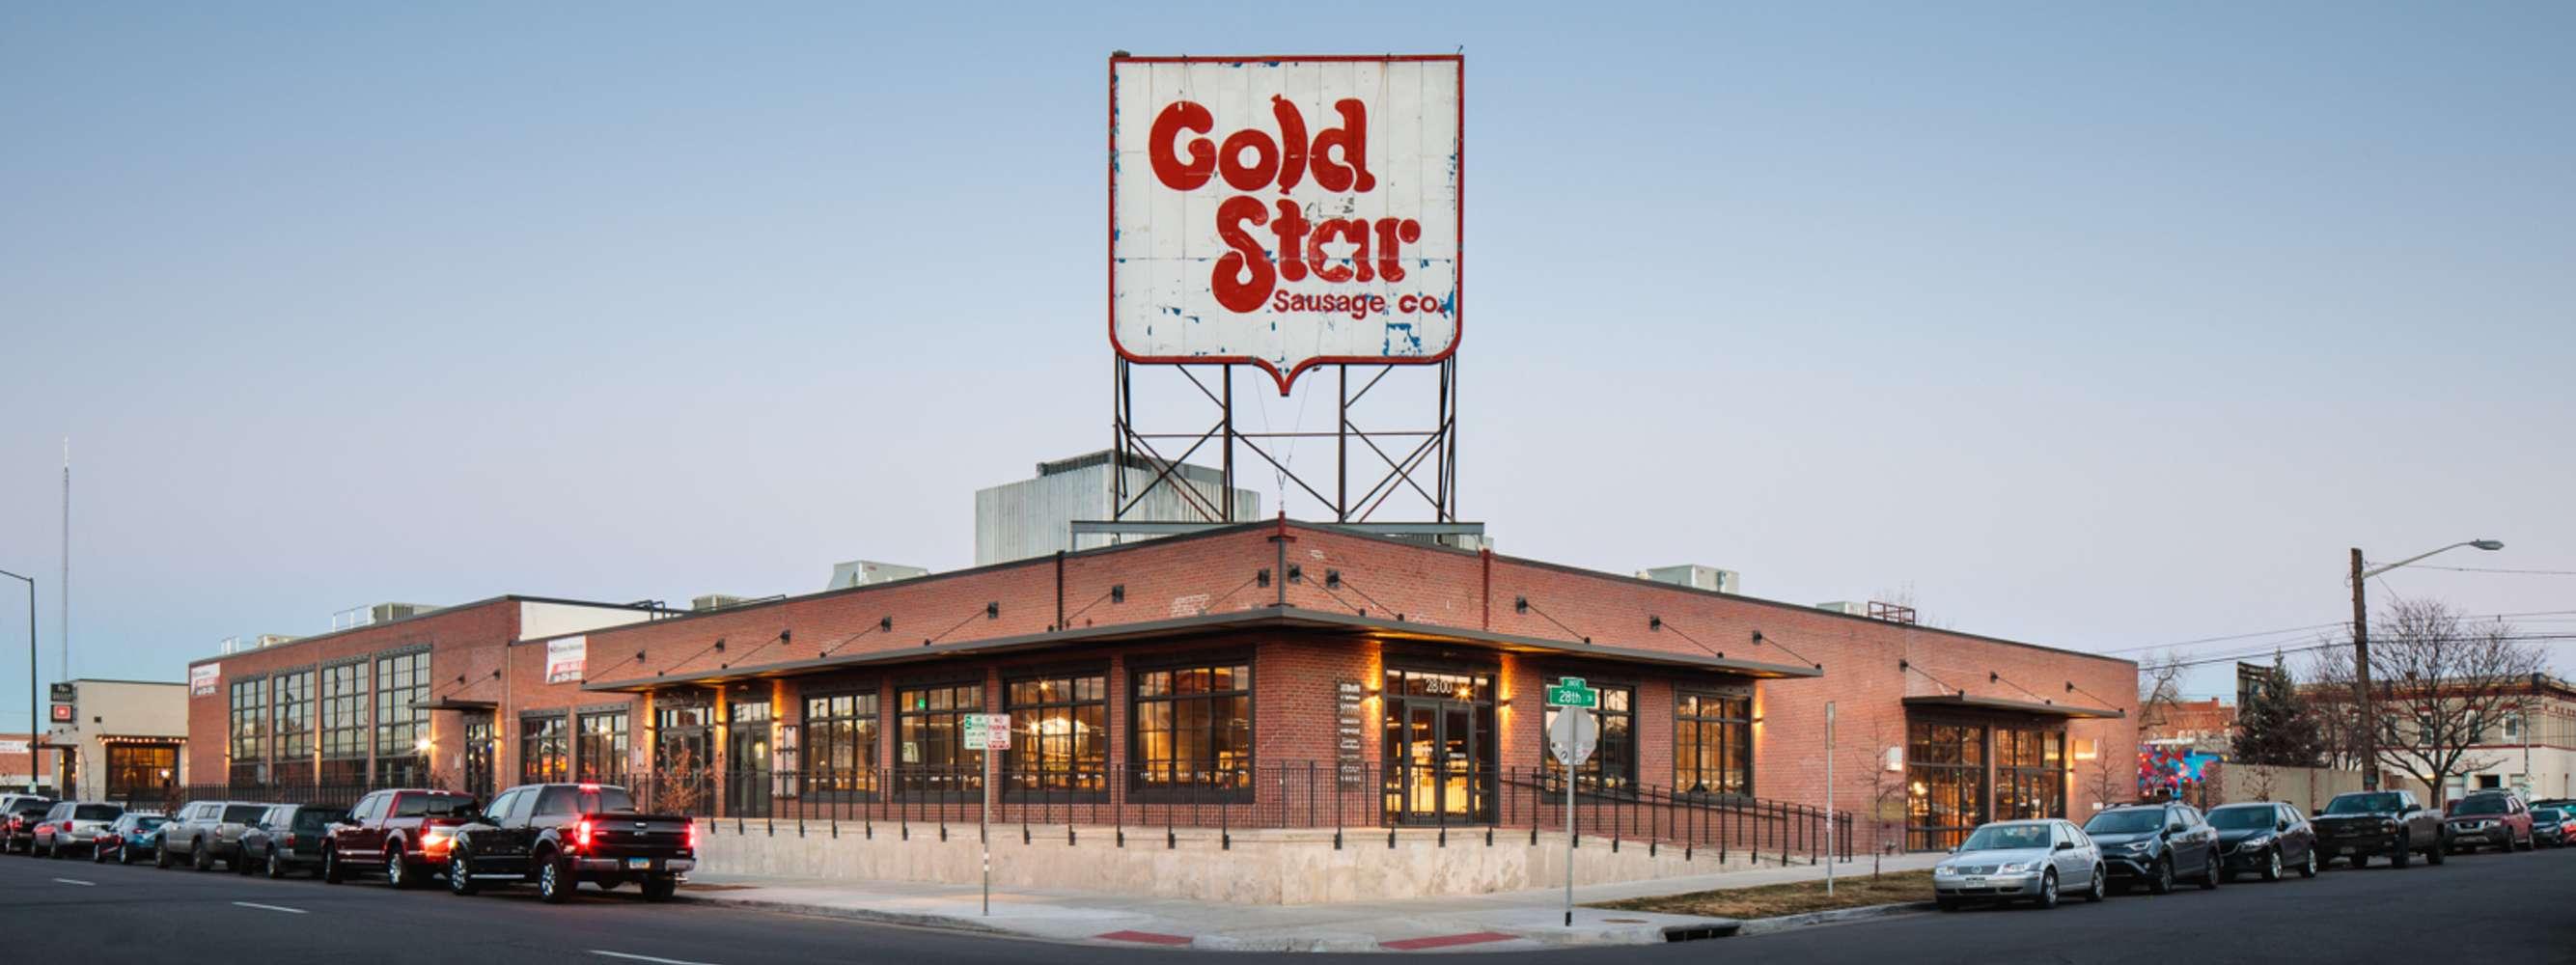 Office Denver, 80205 - Gold Star